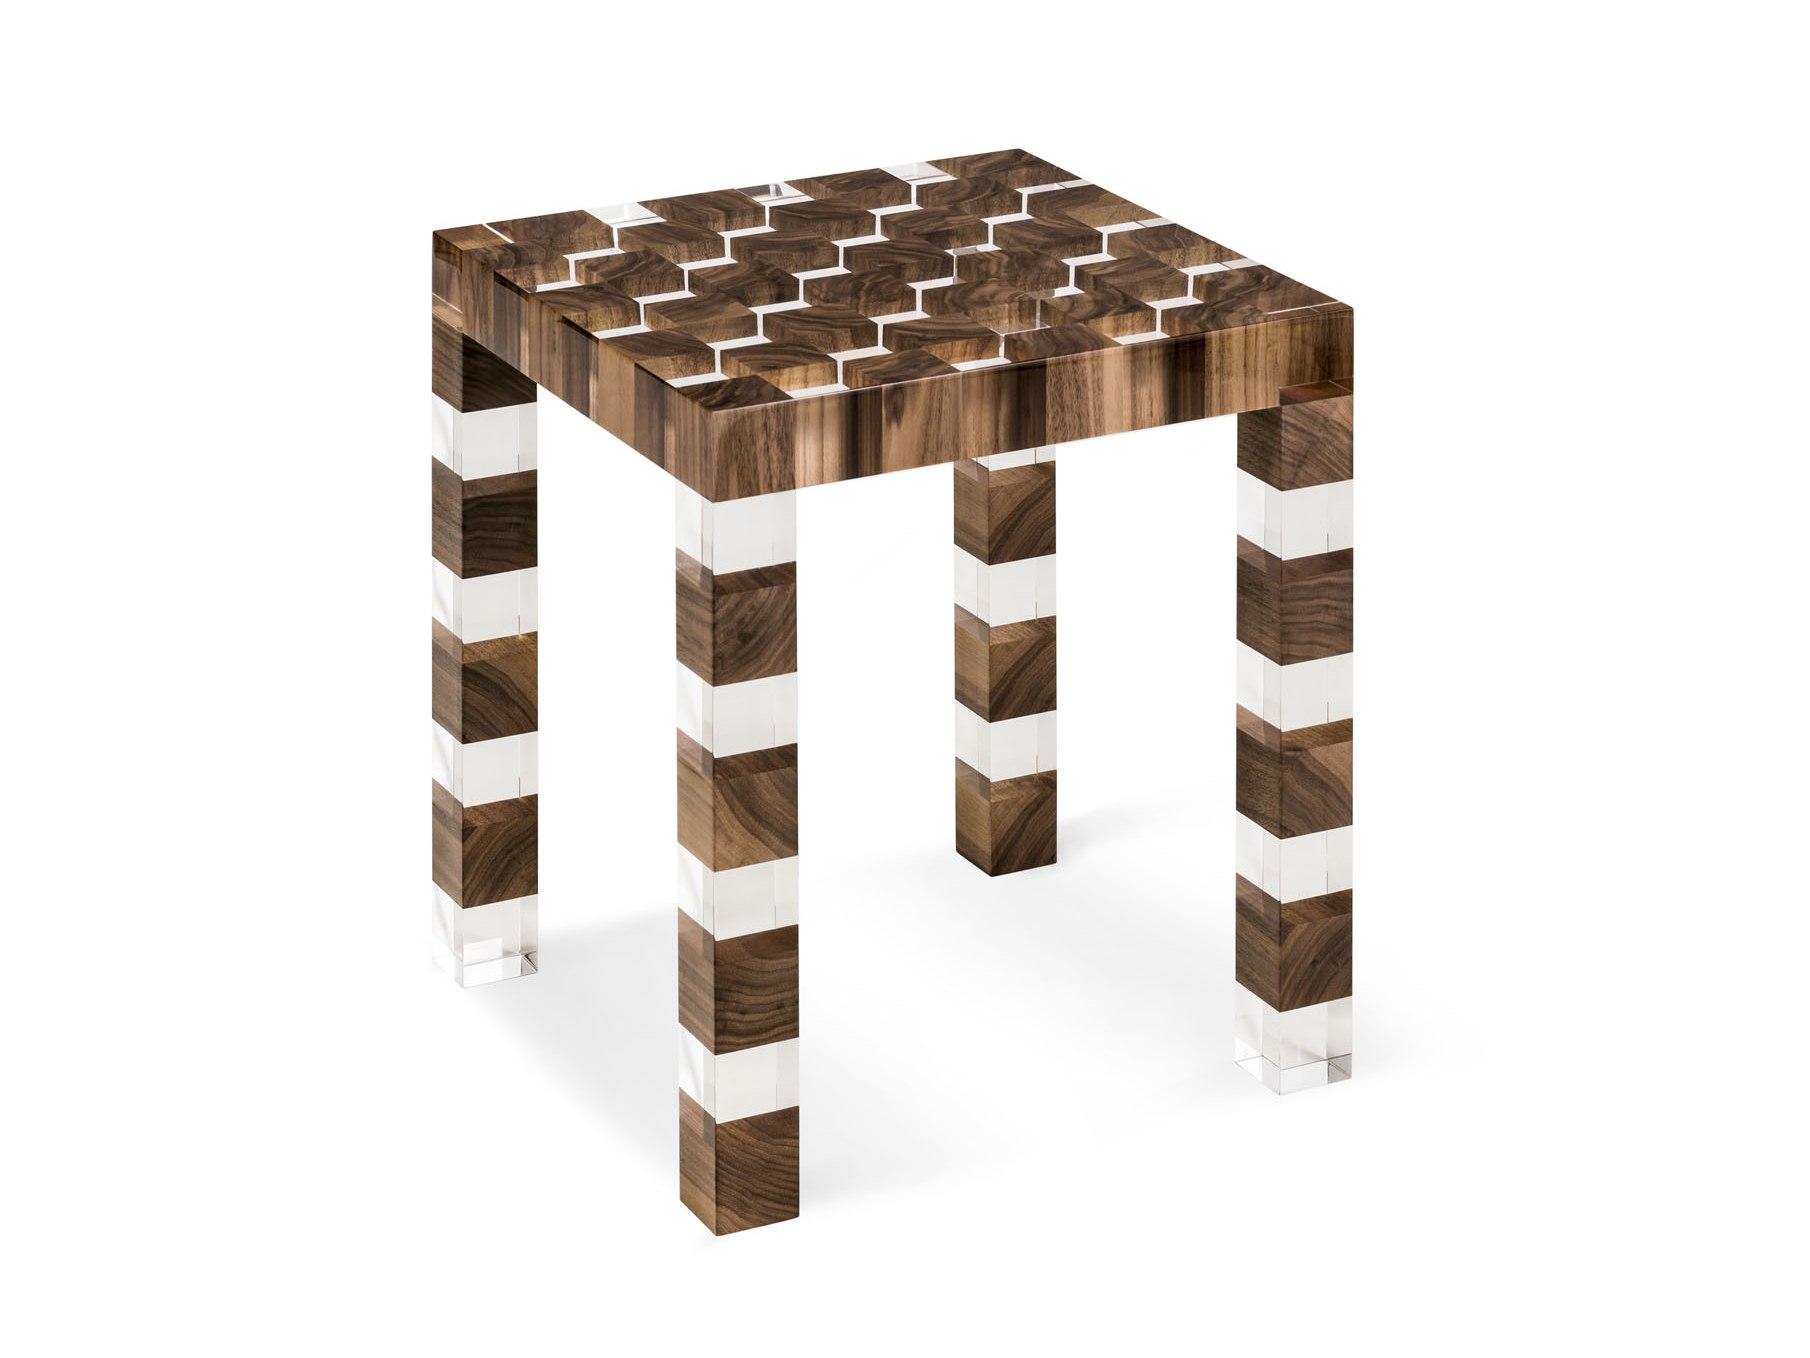 armani casa net table  - Armani/Casa 对生活的内敛优雅